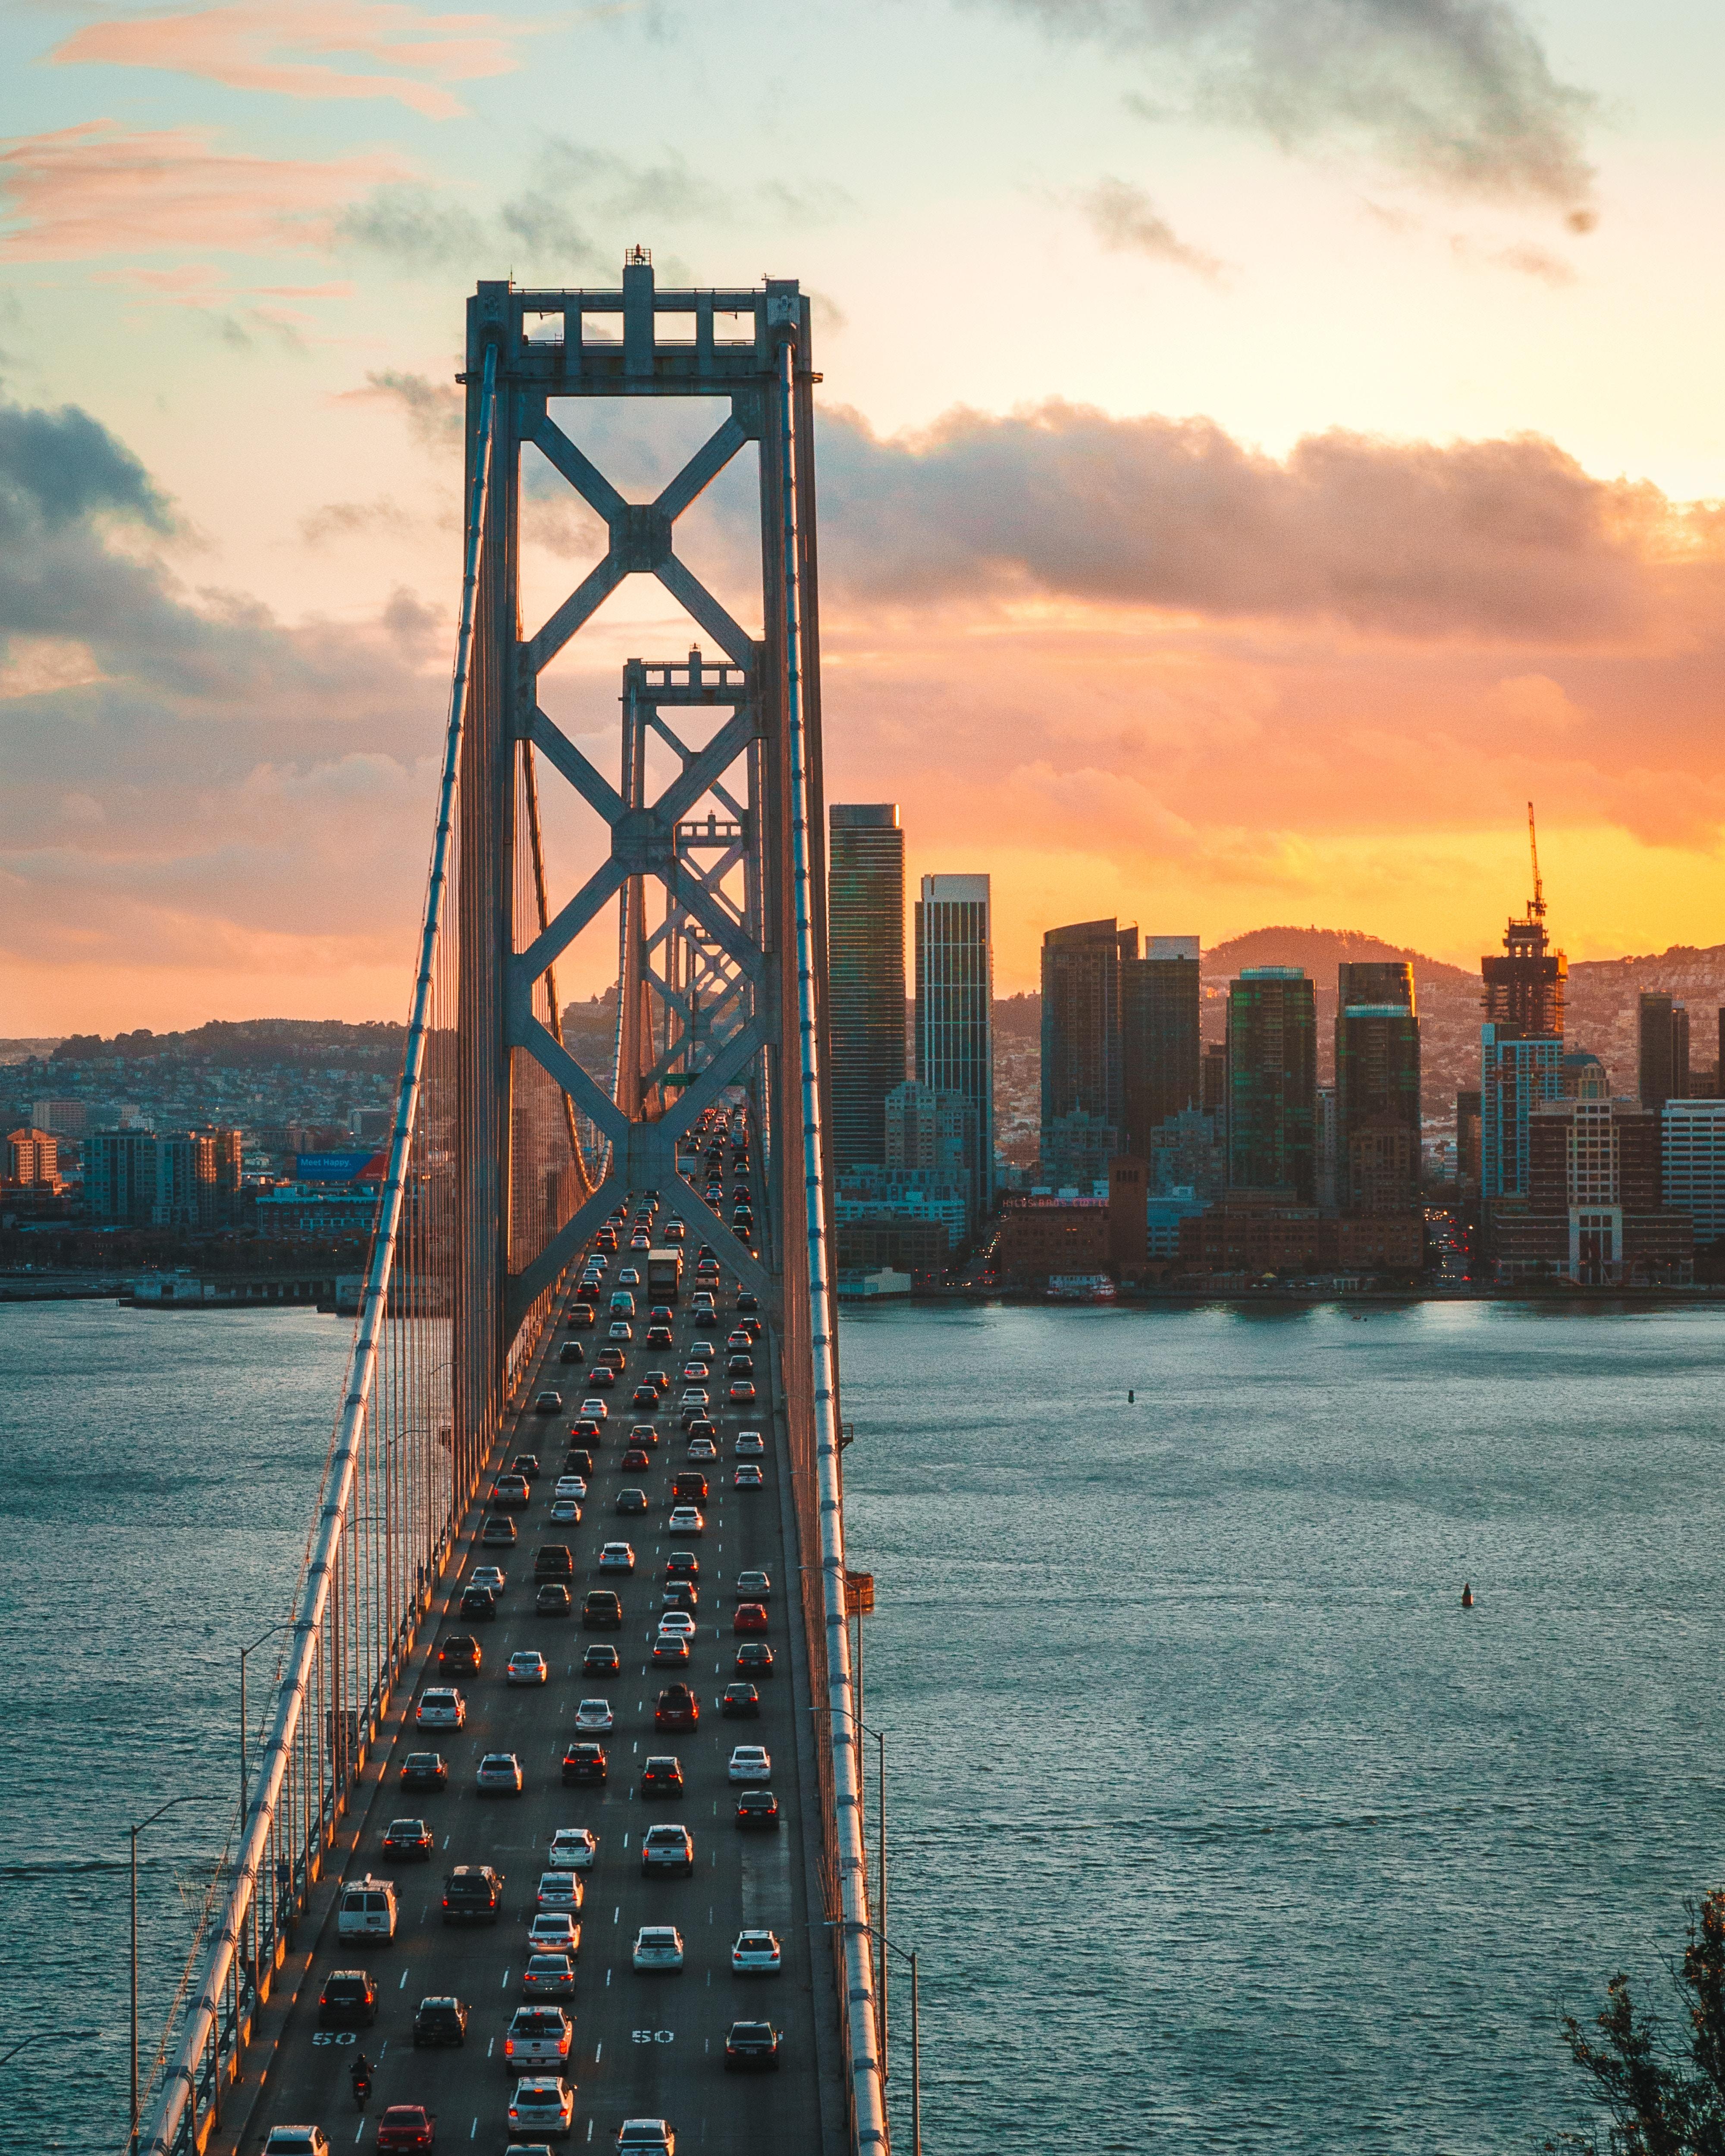 84794 скачать обои Сан-Франциско, Города, Закат, Город, Движение, Мост, Сша, Трафик - заставки и картинки бесплатно